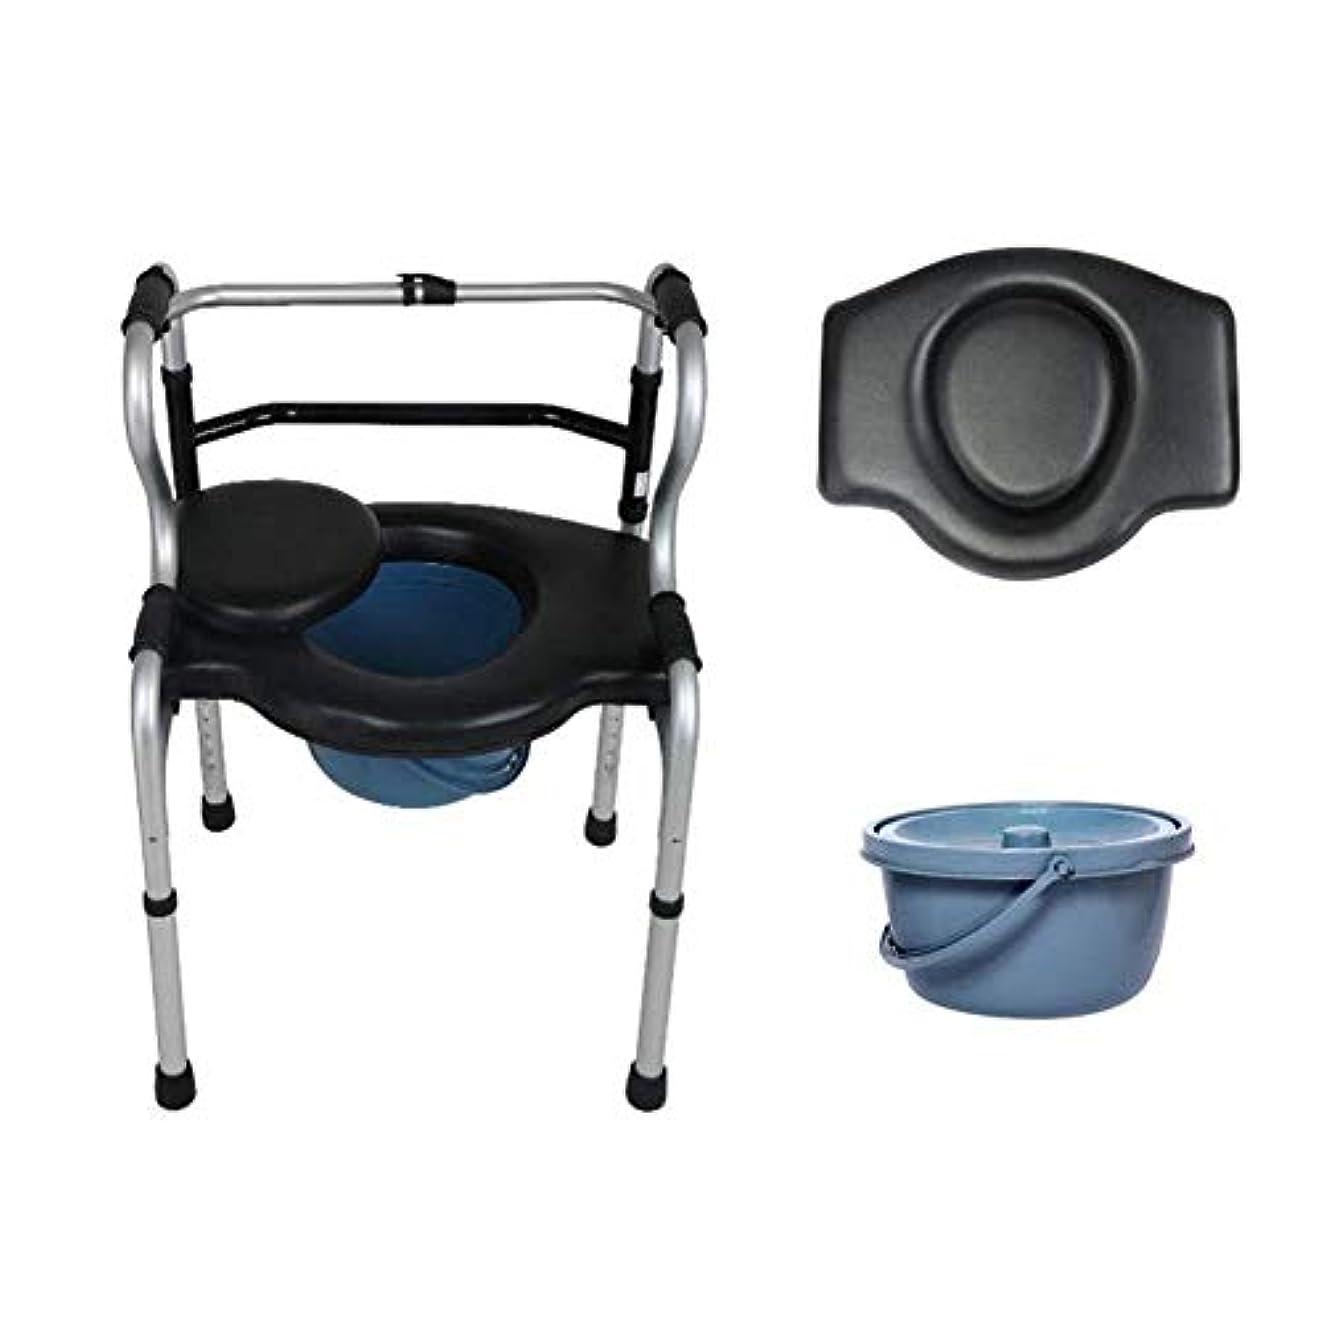 便器移動式椅子、シャワーの移動椅子の浴室の洗面所の腰掛けのためのFoldable移動式椅子